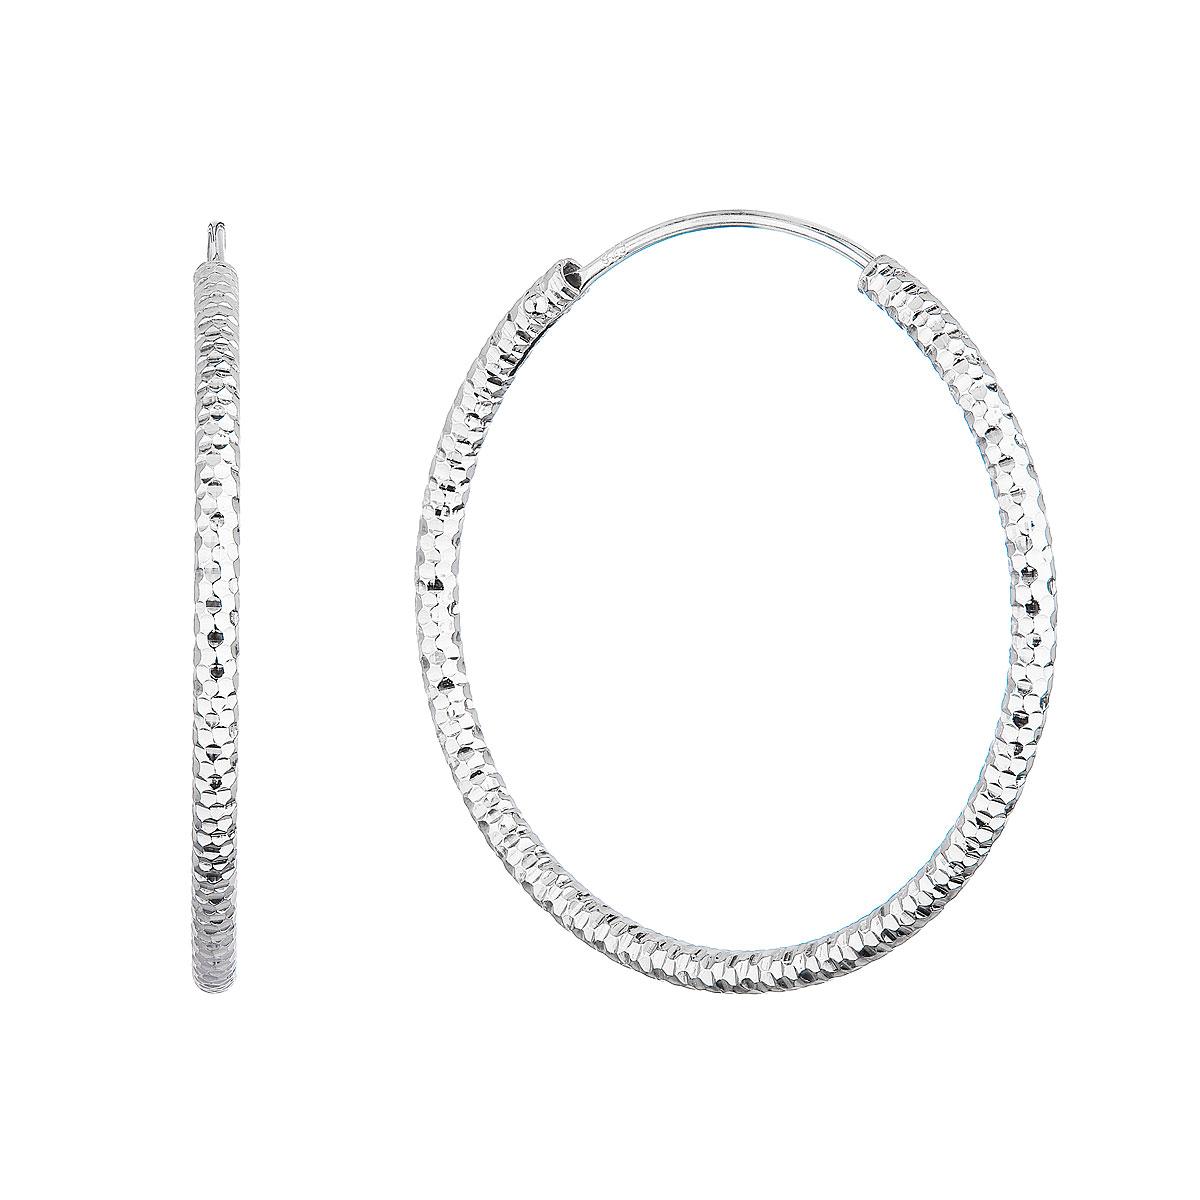 Strieborné náušnice kruhy s ozdobným prelisovaním 61006